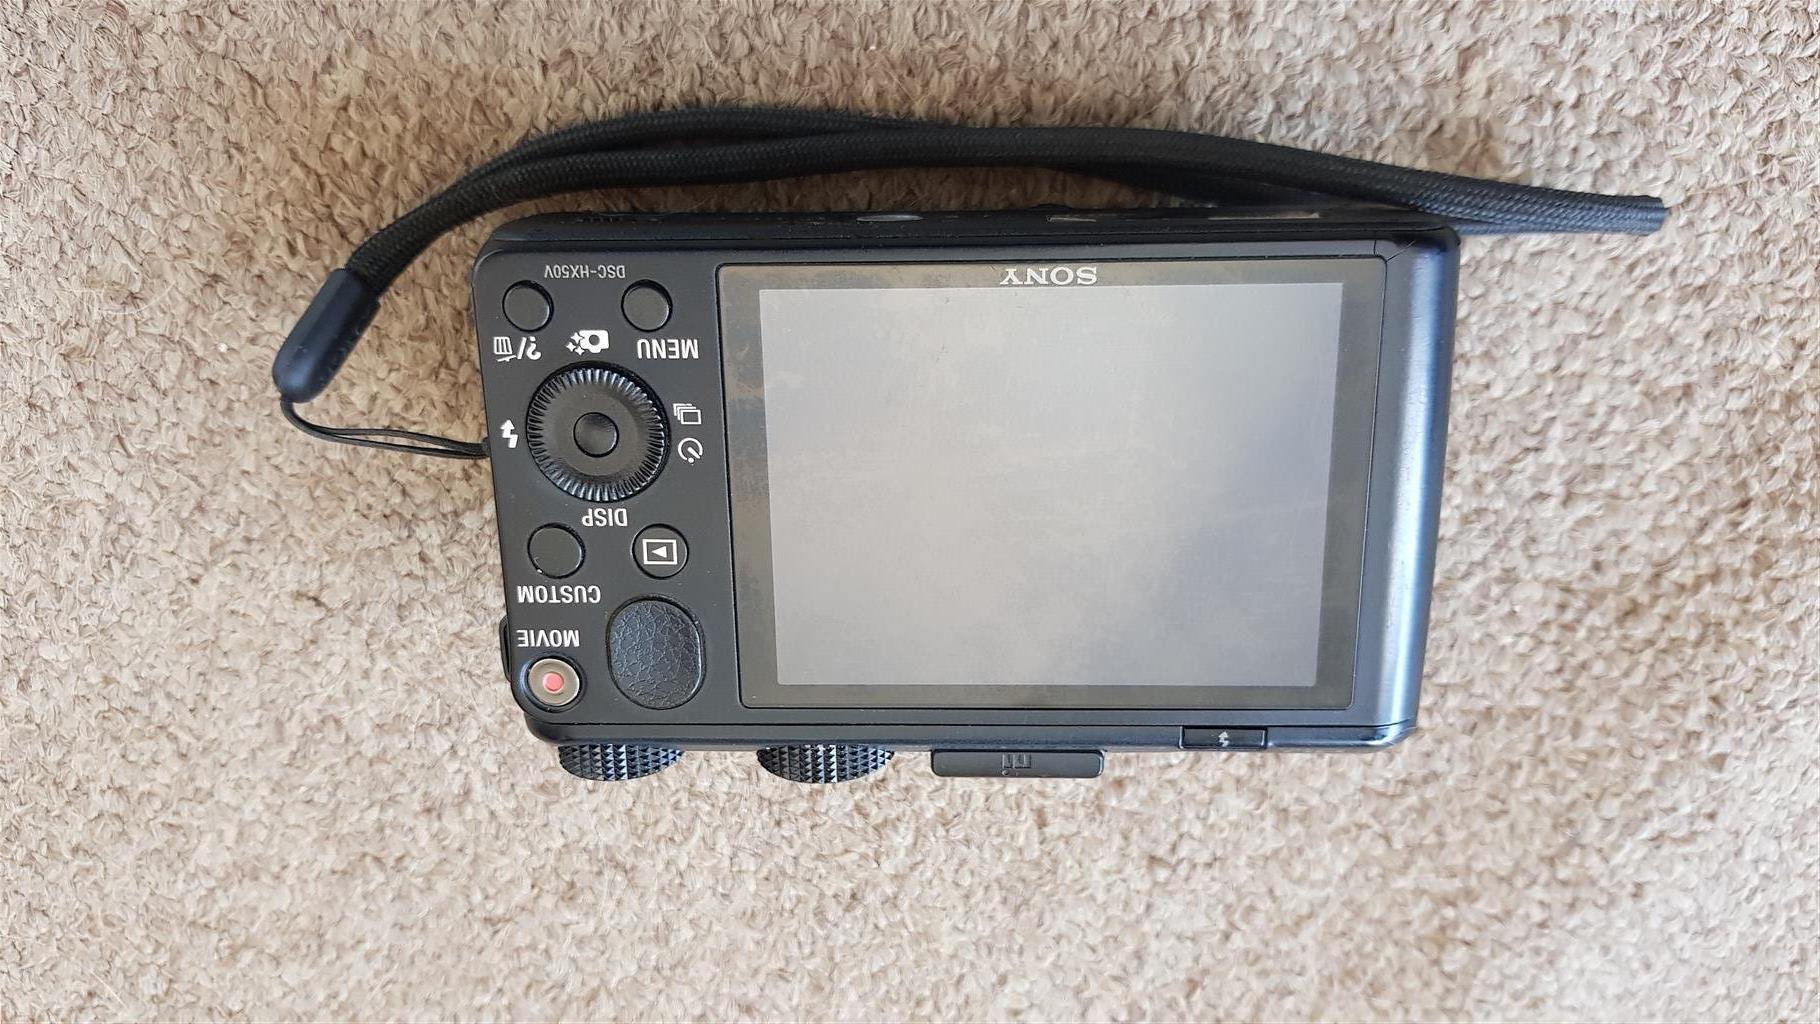 Sony Cybershot DSC-HX50V camera